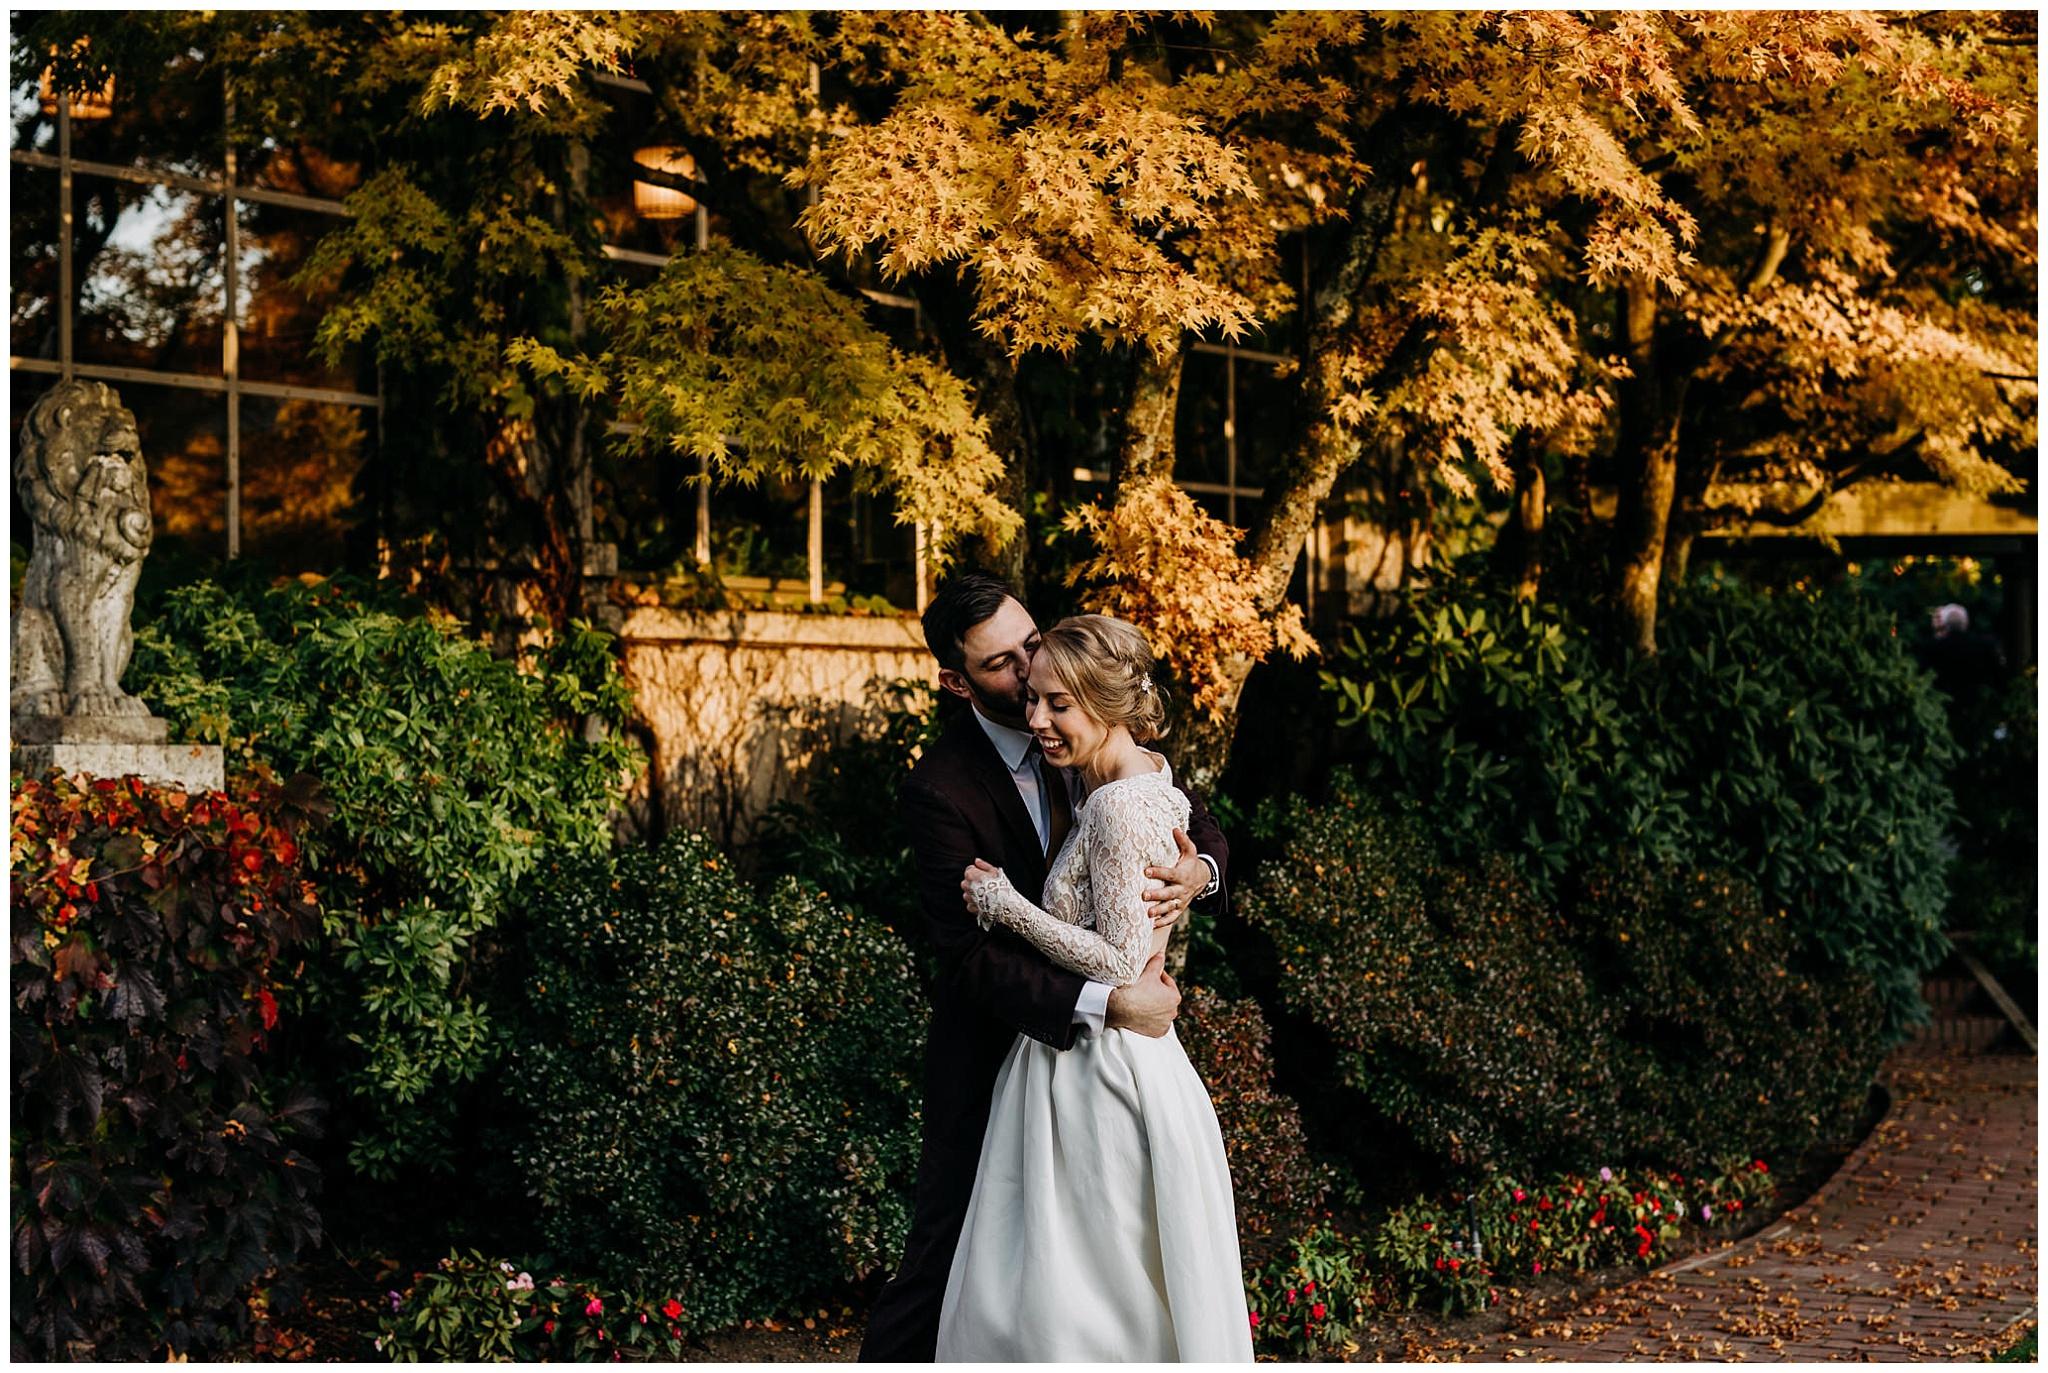 hycroft-manor-fall-wedding_0205.jpg